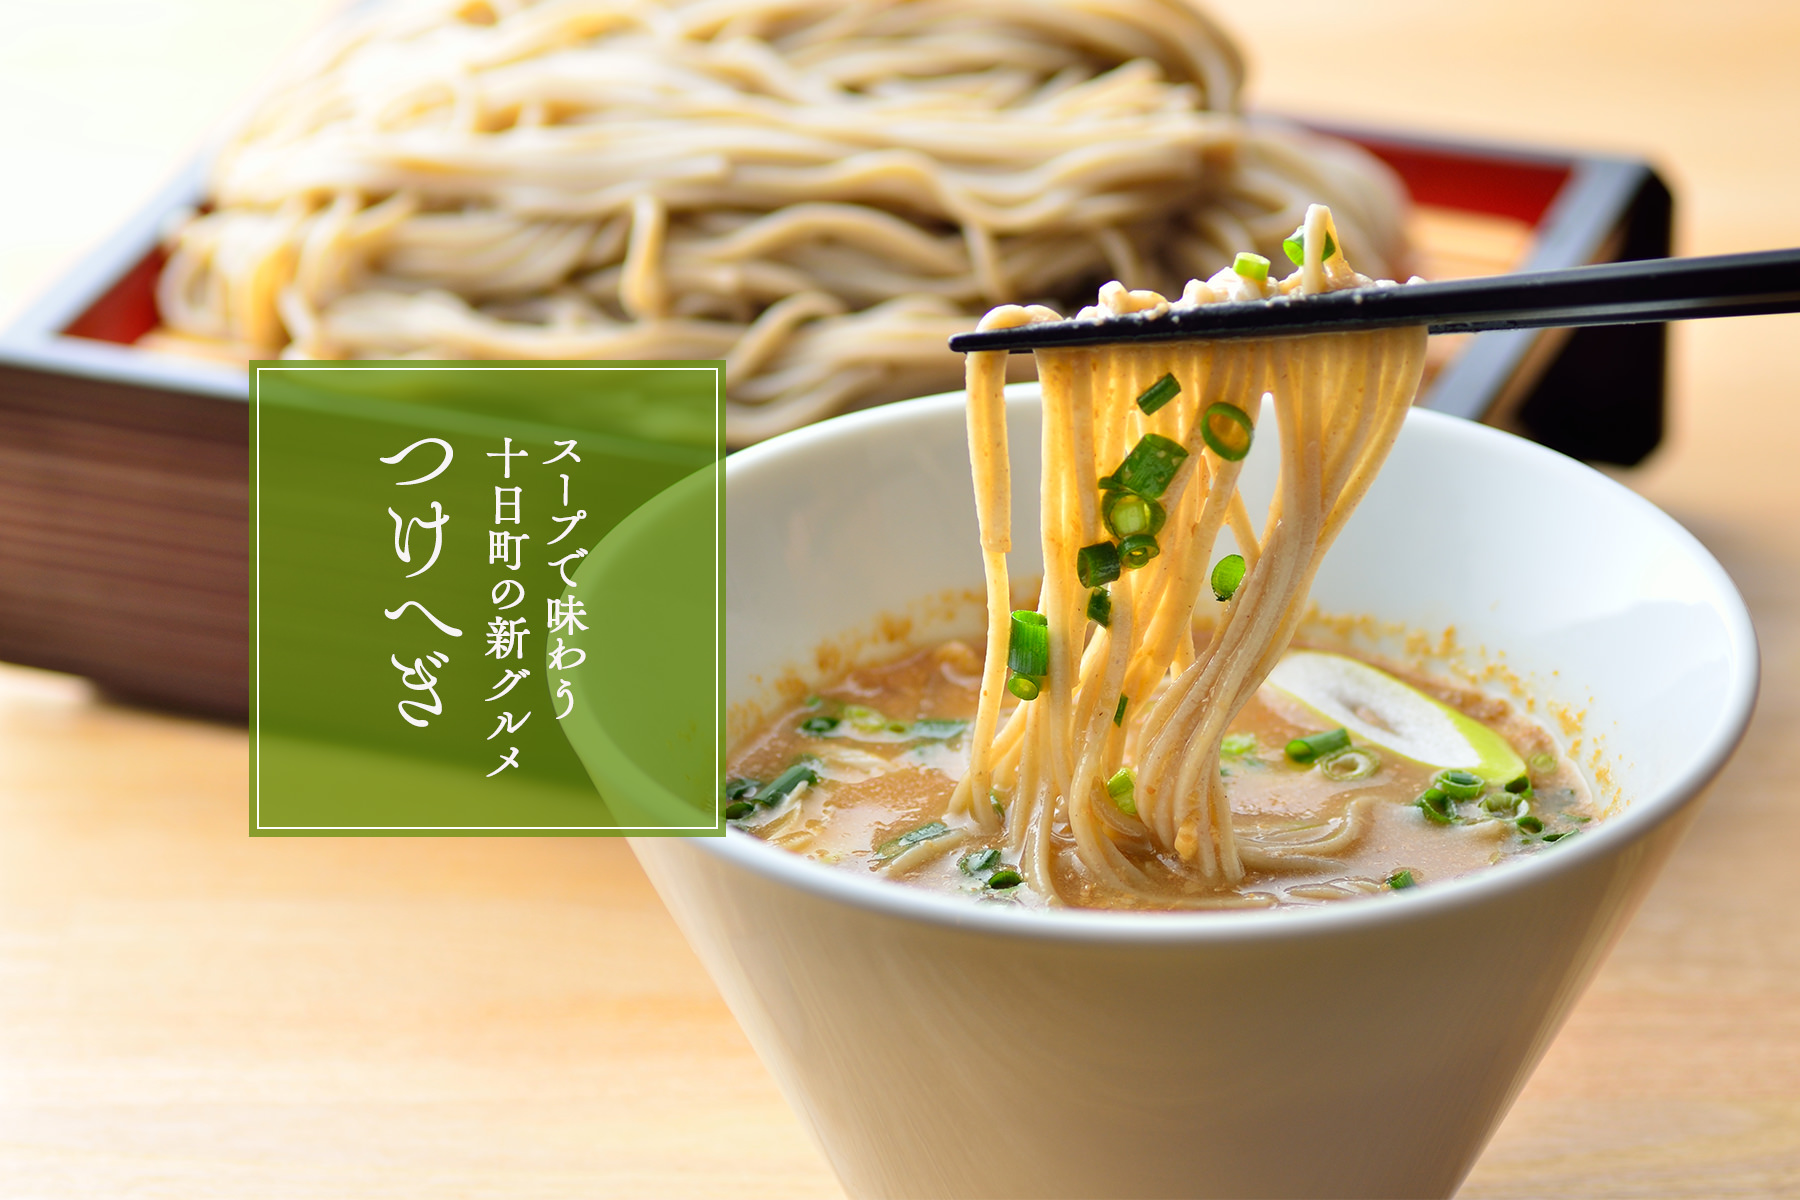 〈つけへぎ〉スープで味わう十日町の新グルメ